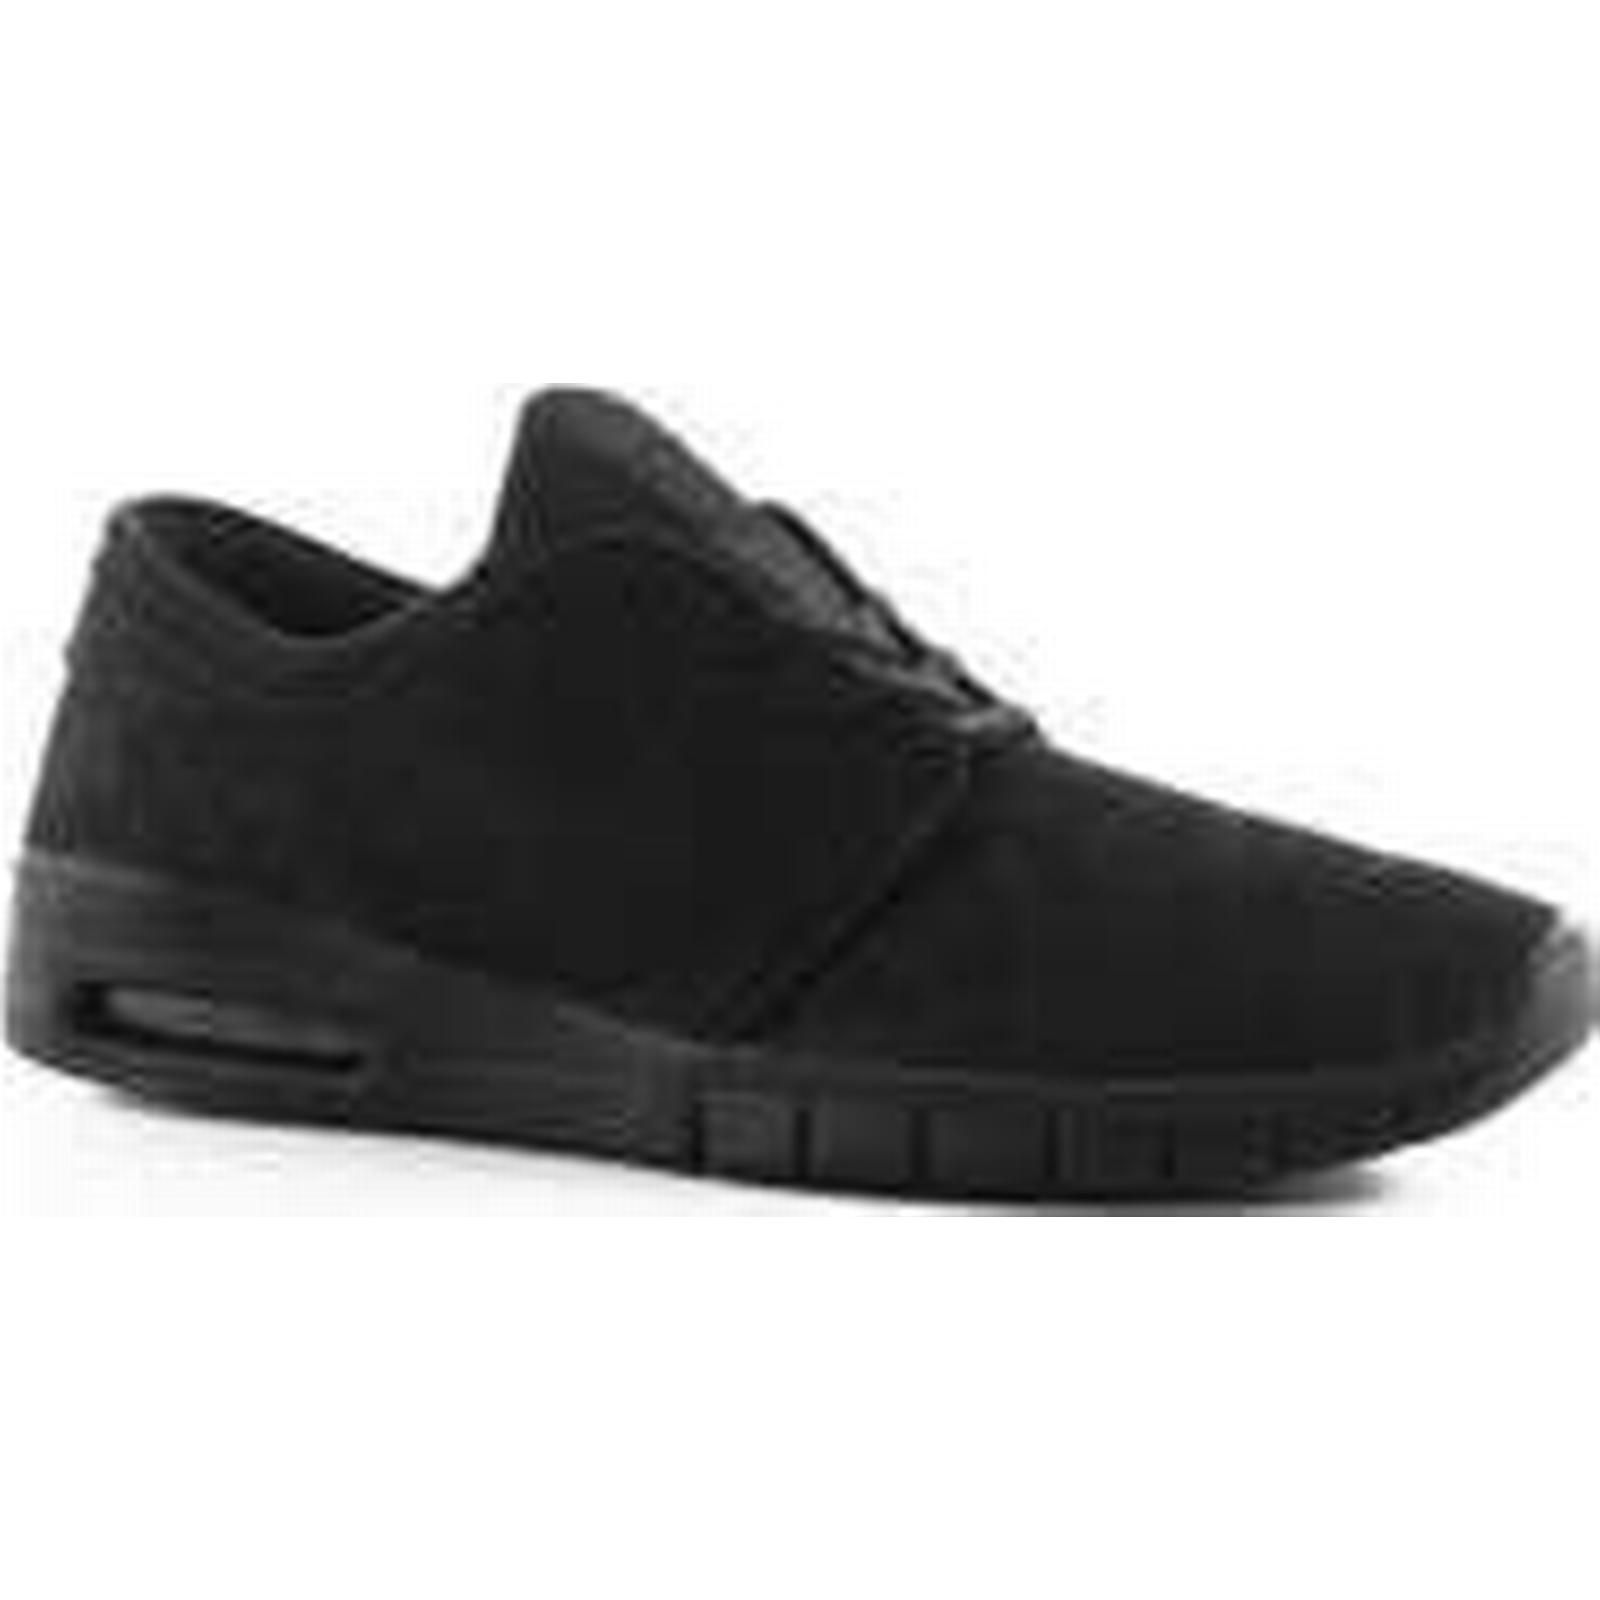 59492f6fec0d3 nike sb stefan janoski max chaussures chaussures max noir   noir    anthracite 4aff6c